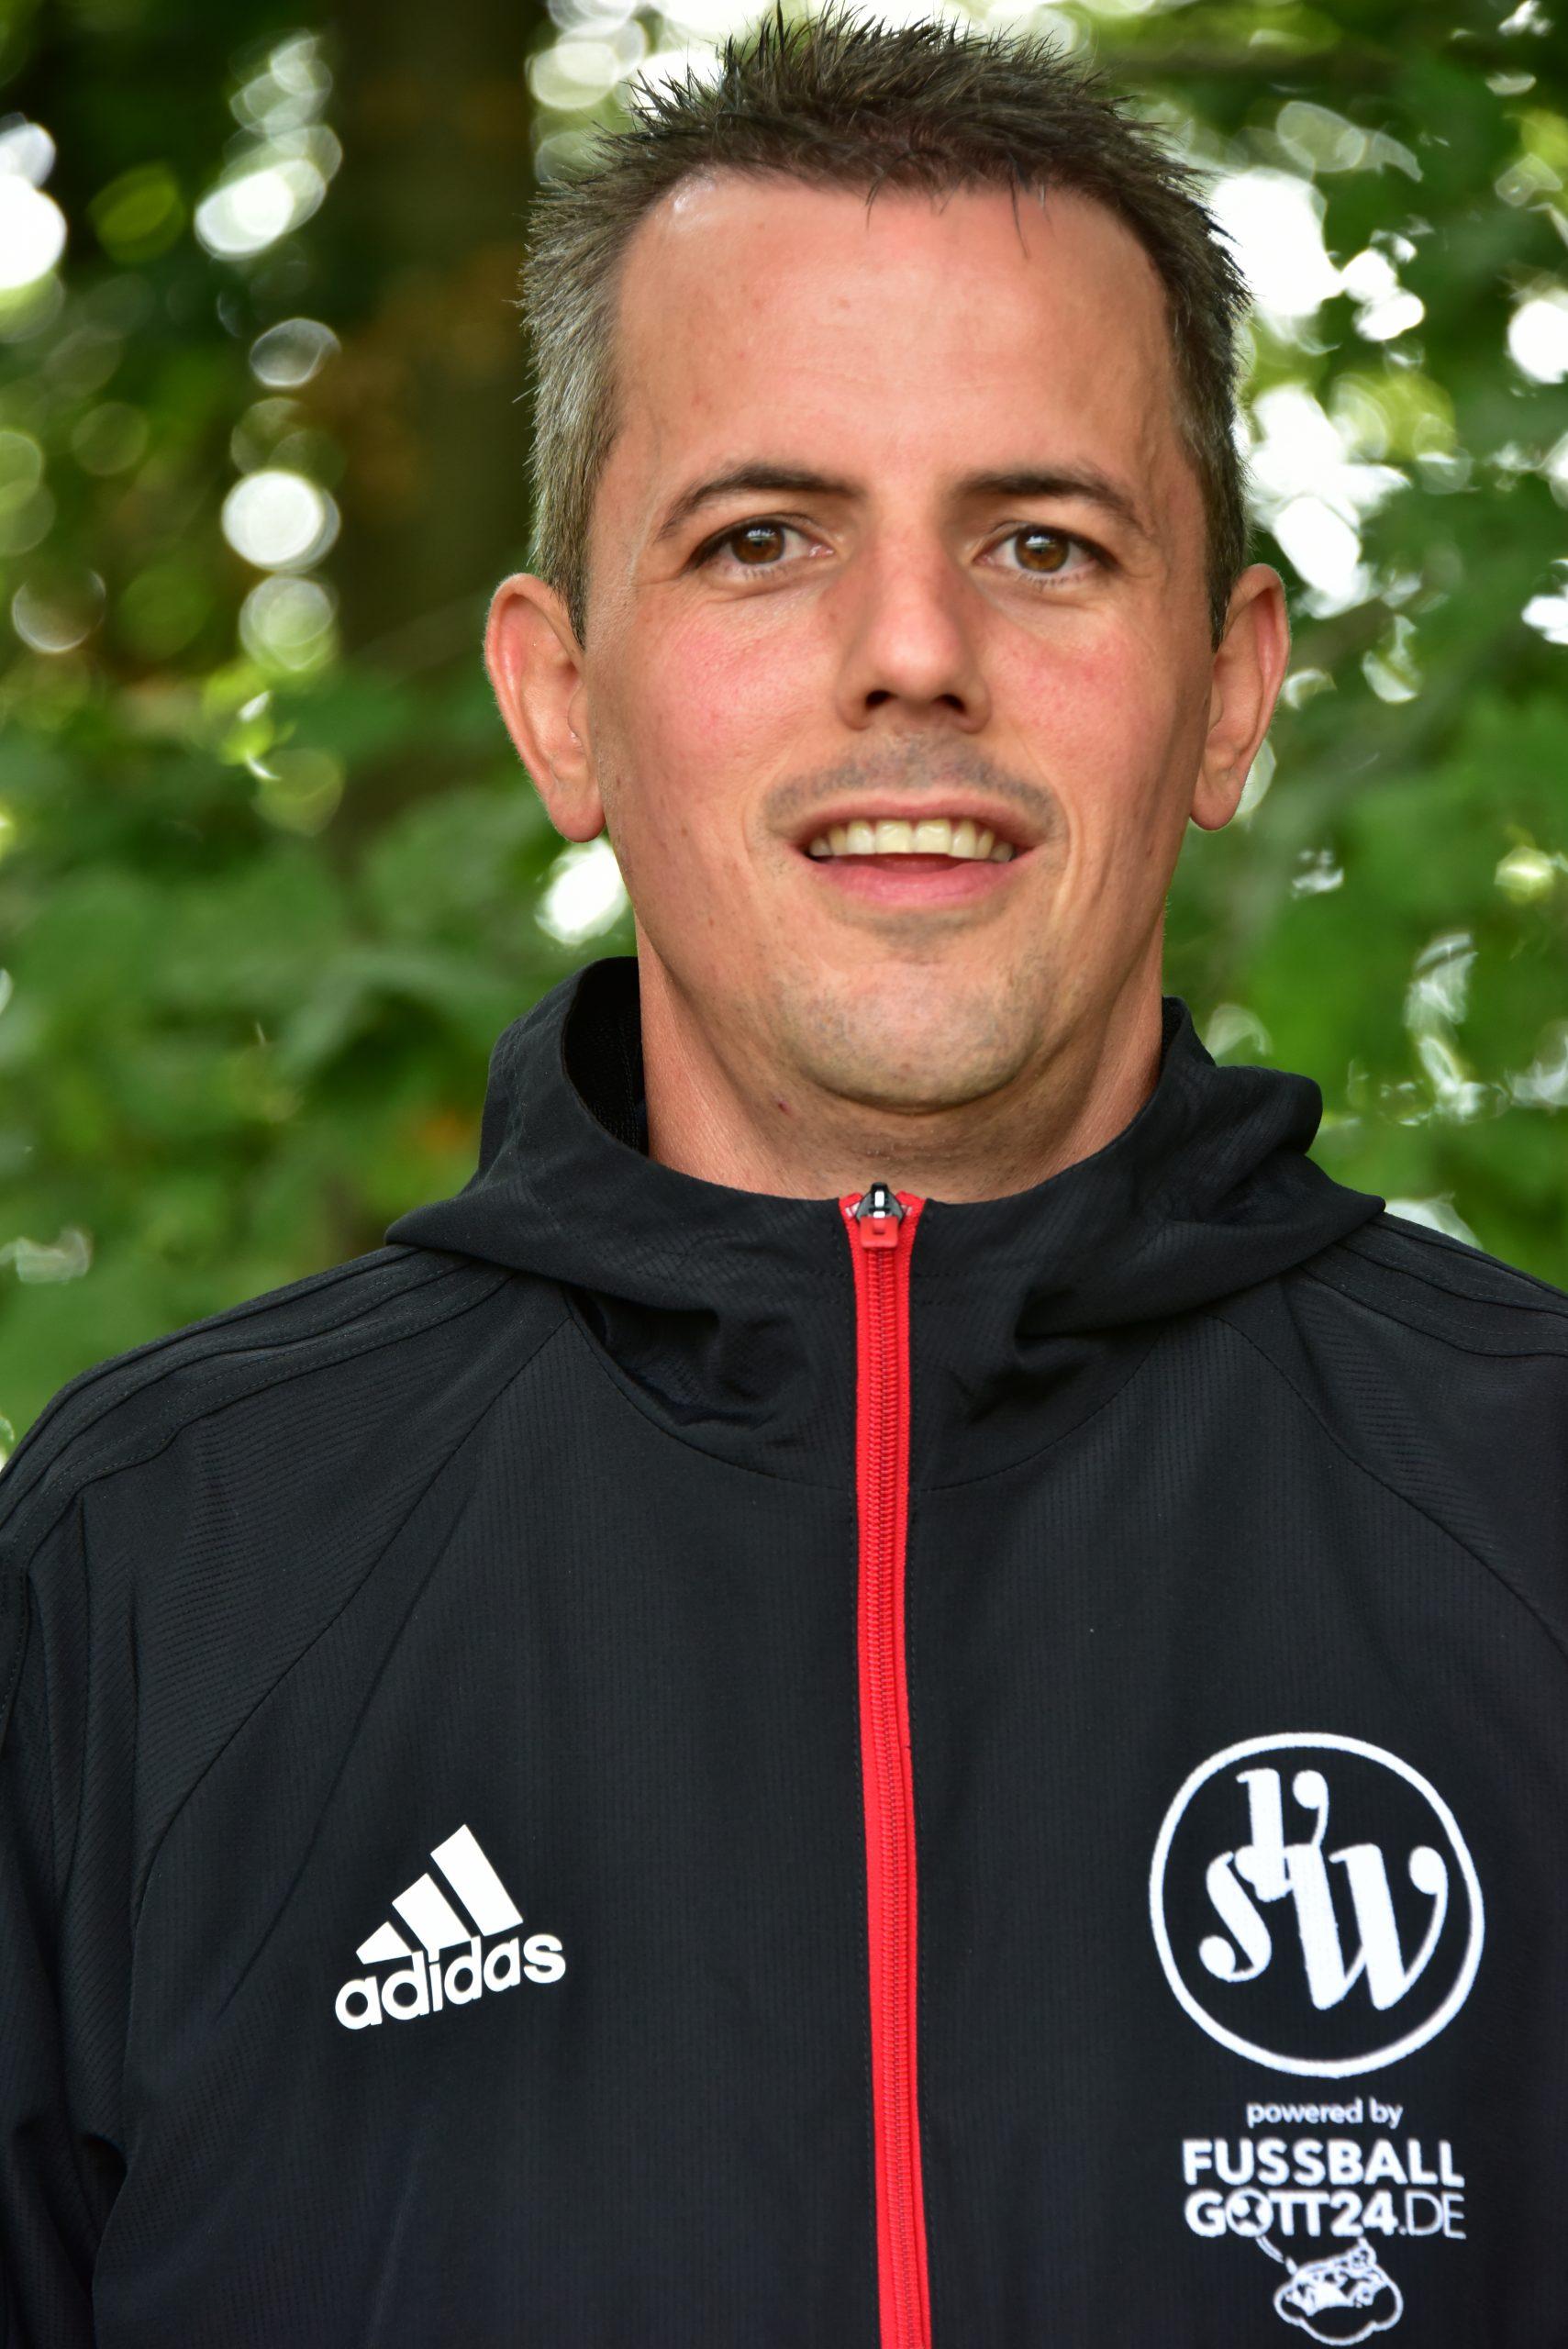 Martin Mett